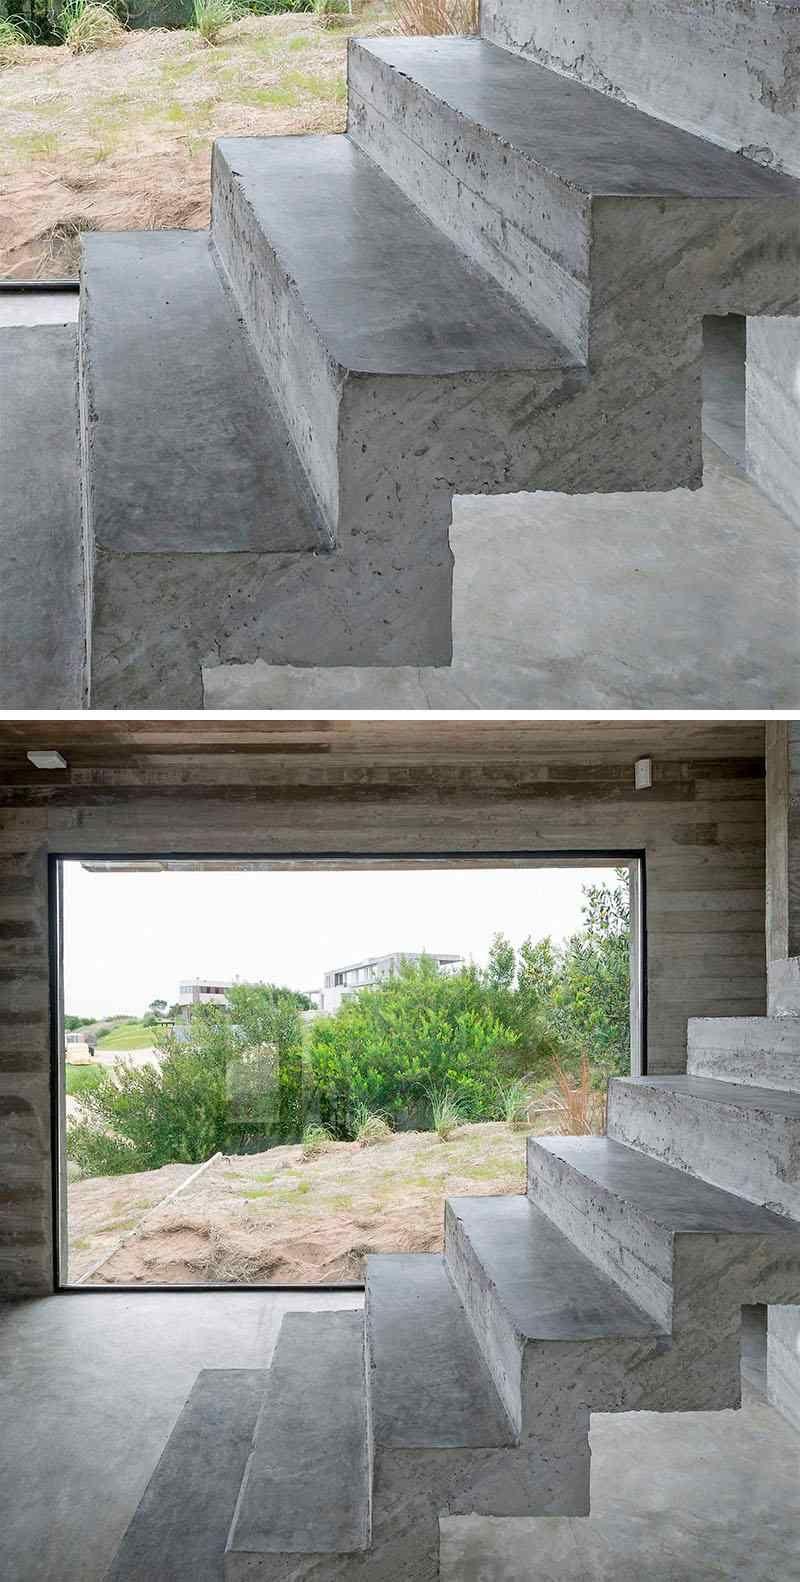 Escalier int rieur design la beaut est dans les d tails for Beton interieur